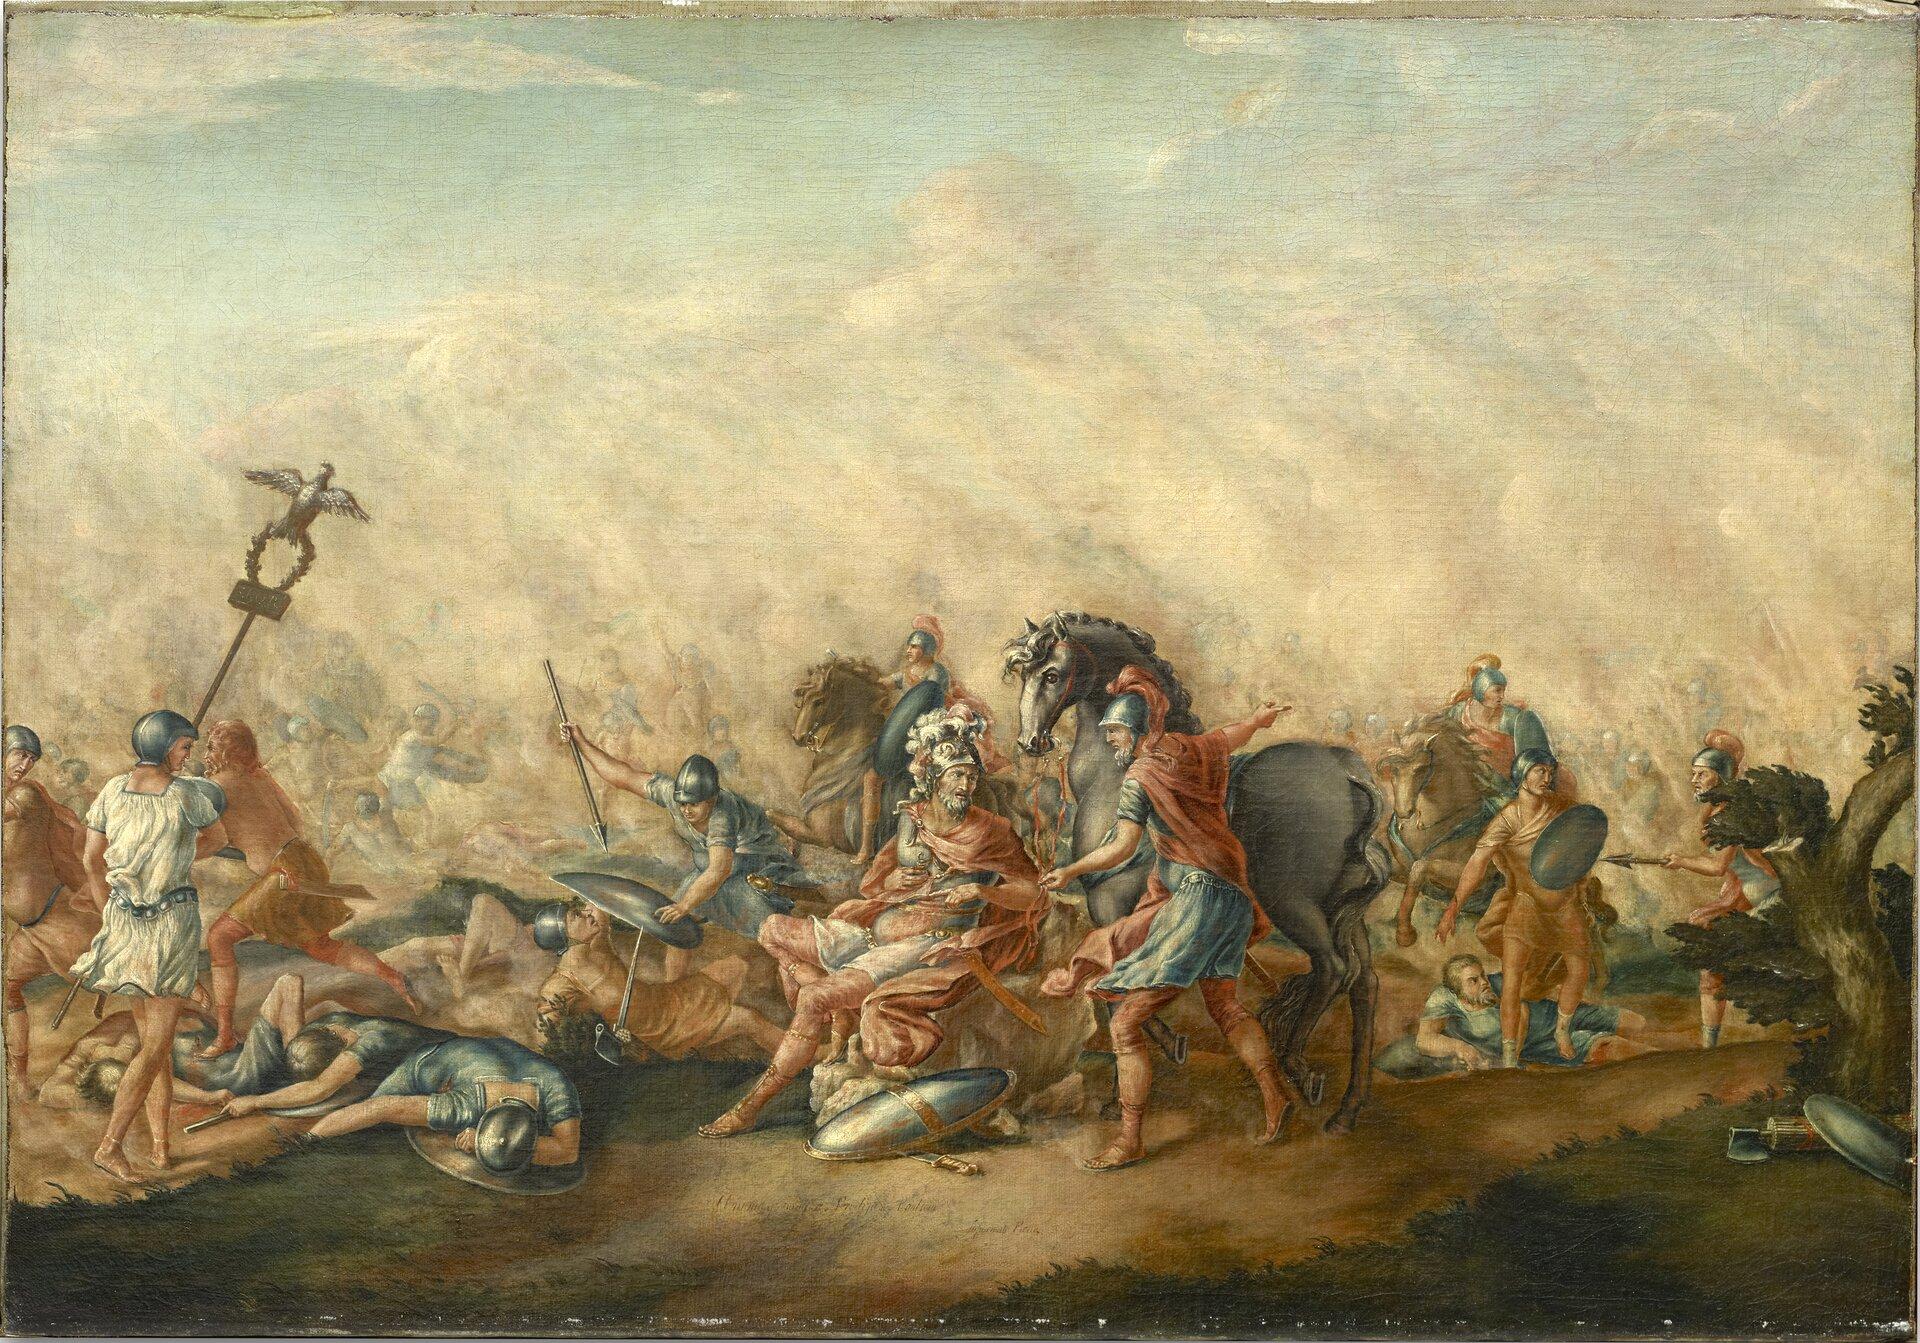 """Ilustracja przedstawia dzieło Johna Trumbulla pt. """"Śmierć Emiliusza Paulusa na polu bitwy"""". Ukazana jest scena zbitwy pod Kannami. Wcentrum obrazu znajduje się wódz rzymski (Warron?). Obok niego stoi ekwita zkoniem, wpełnym uzbrojeniu. Mówi do wodza, wskazując ręką wprawą stronę. Na drugim planie ukazani są walczący żołnierze. Wlewym rogu widnieje postać żołnierza rzymskiego wznoszącego wgórę insygnium legionów: orła trzymającego wieniec."""